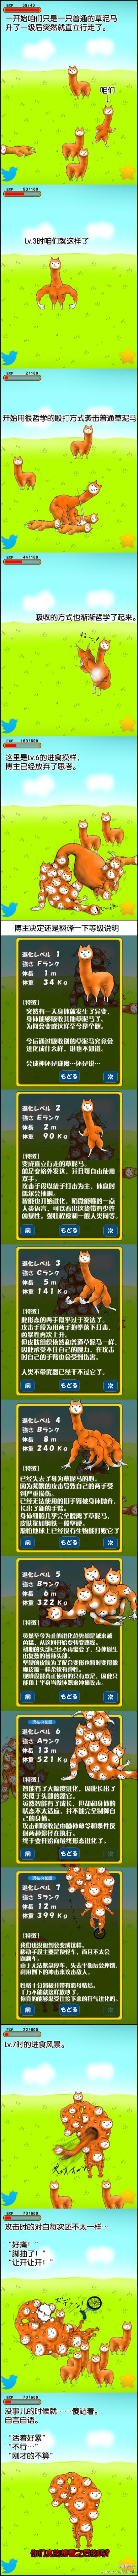 今天要介绍一款同学推荐给我的奇葩手机游戏,日本人开发的,其实连游戏都算不上…就是个奇葩的软件。